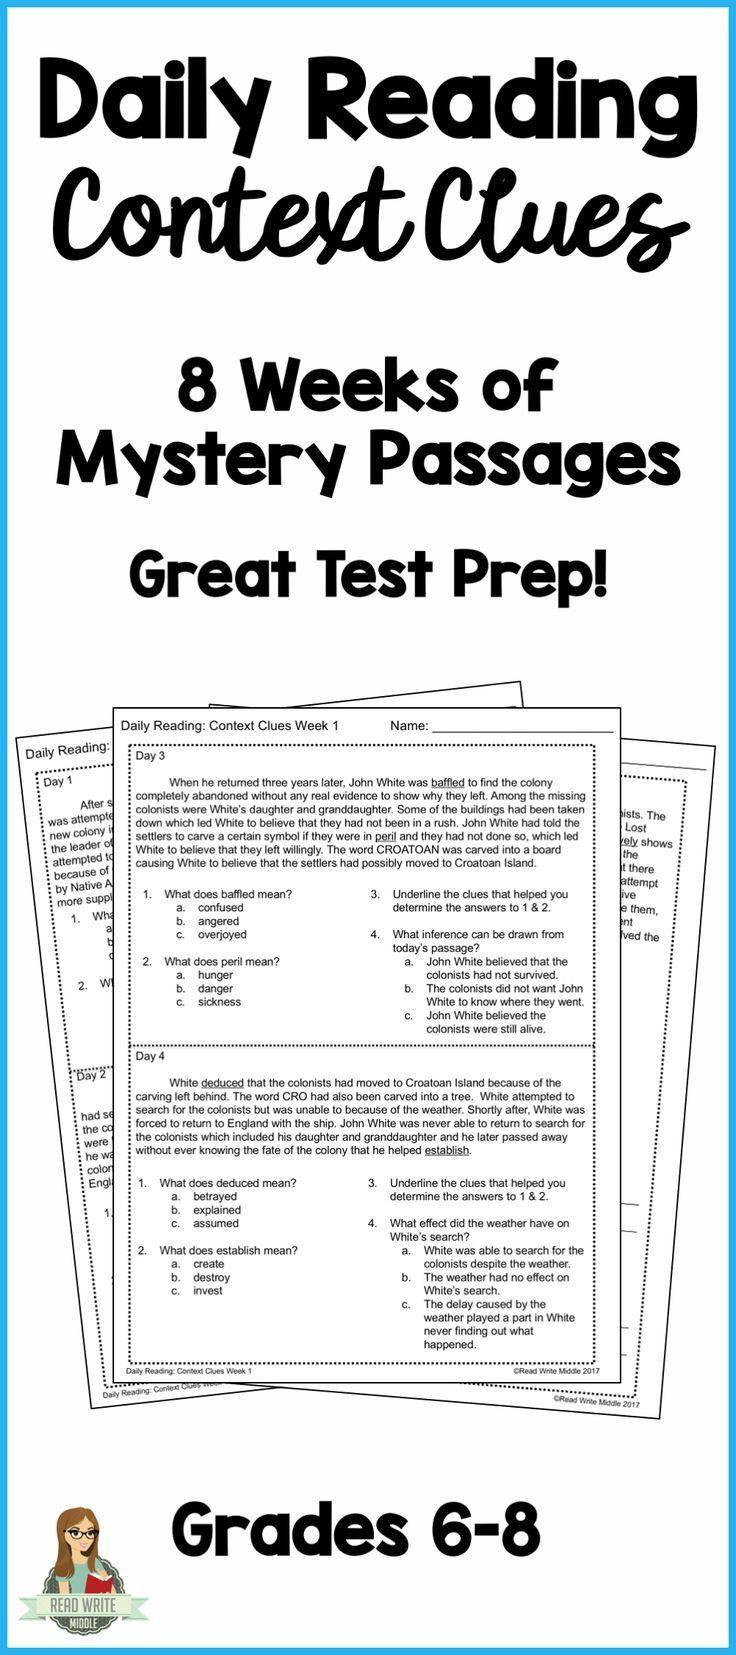 Context Clues Worksheets 6th Grade Context Clues Context Clues Worksheets Reading Comprehension Reading context clues worksheets